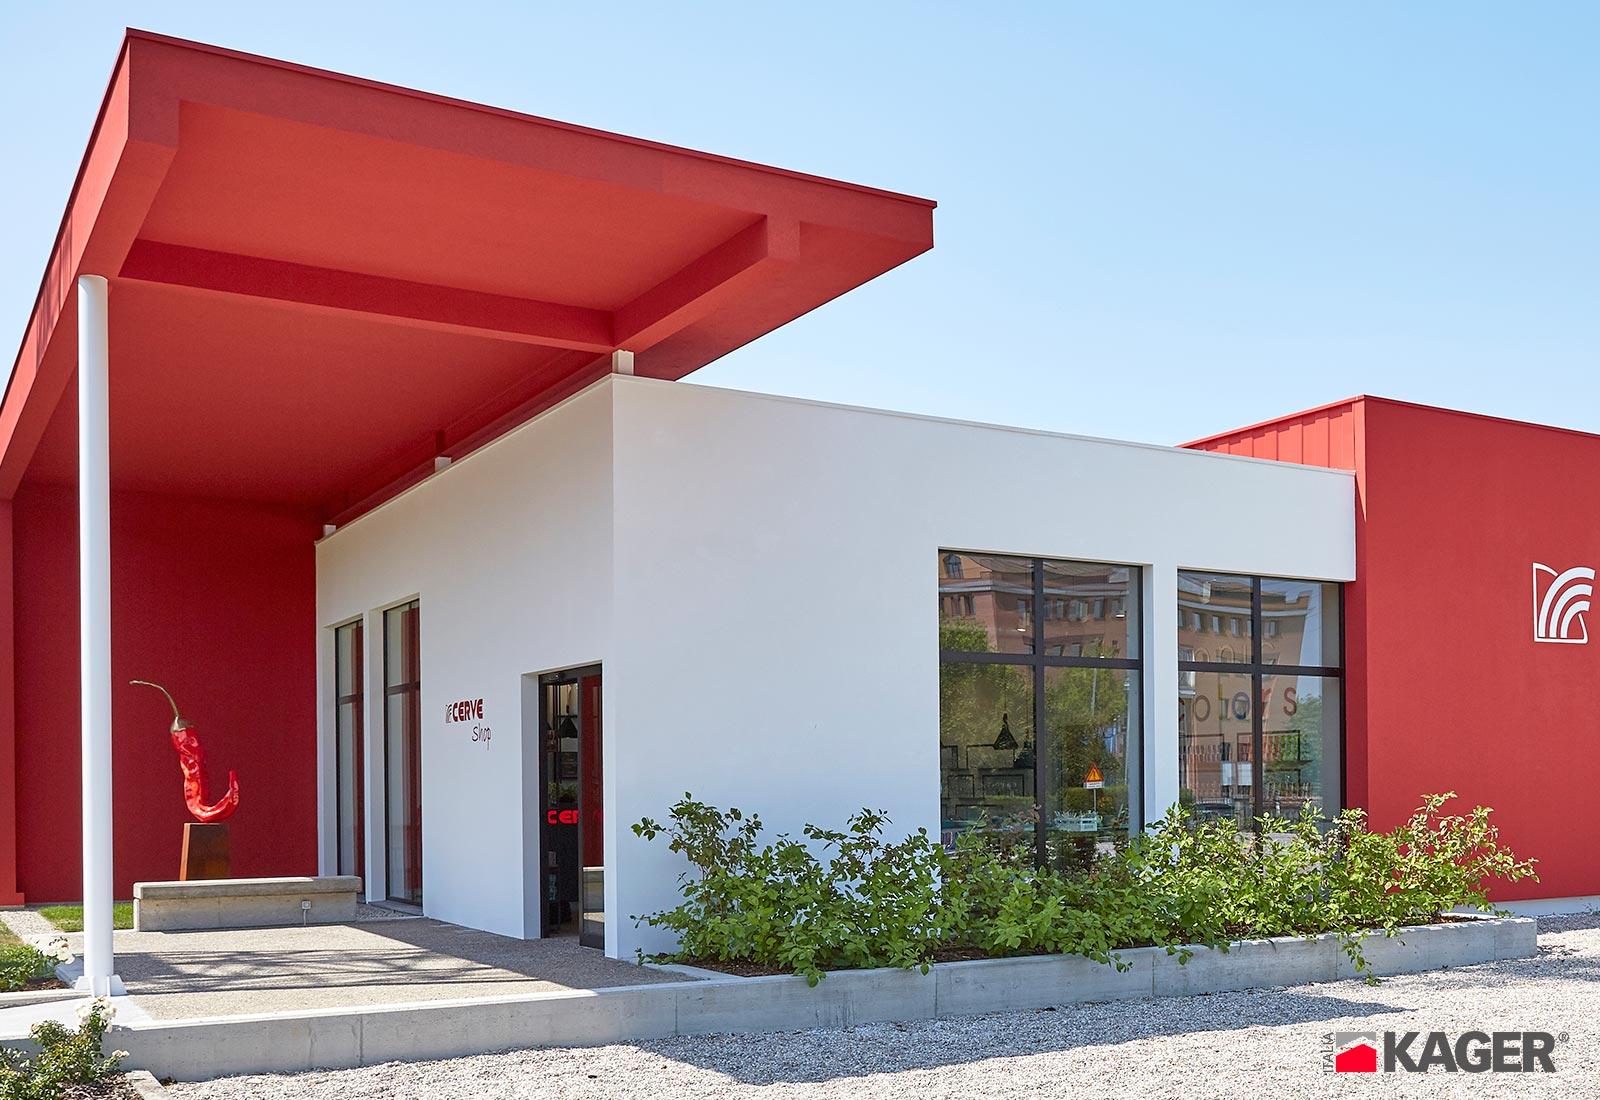 Casa-in-legno-Showroom-Parma-Kager-Italia-02